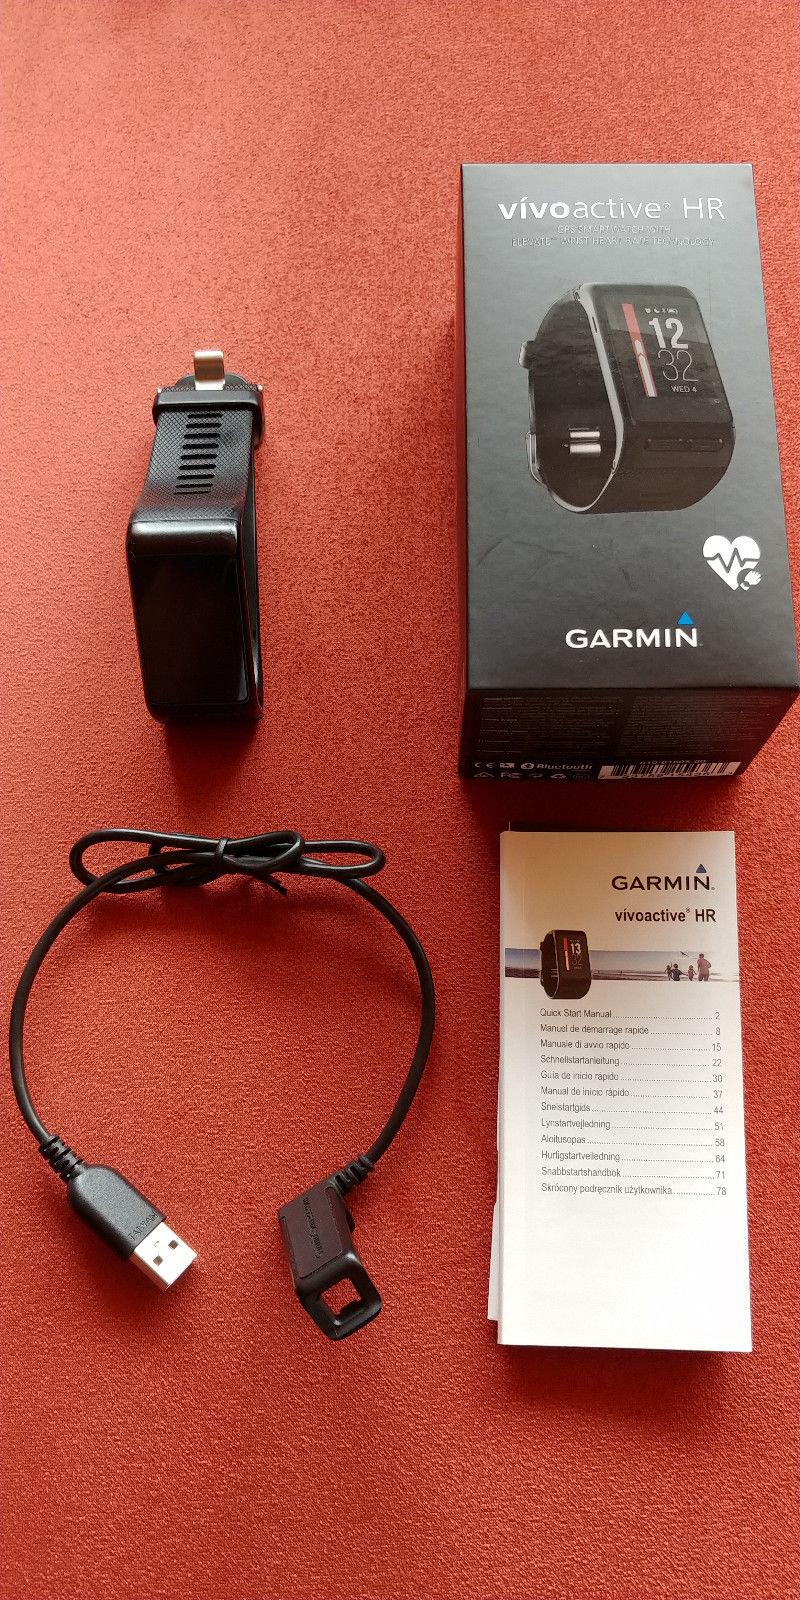 Garmin Vivoactive HR voll funktionsfähig und gutem gebrauchtem Zustand mit OVP